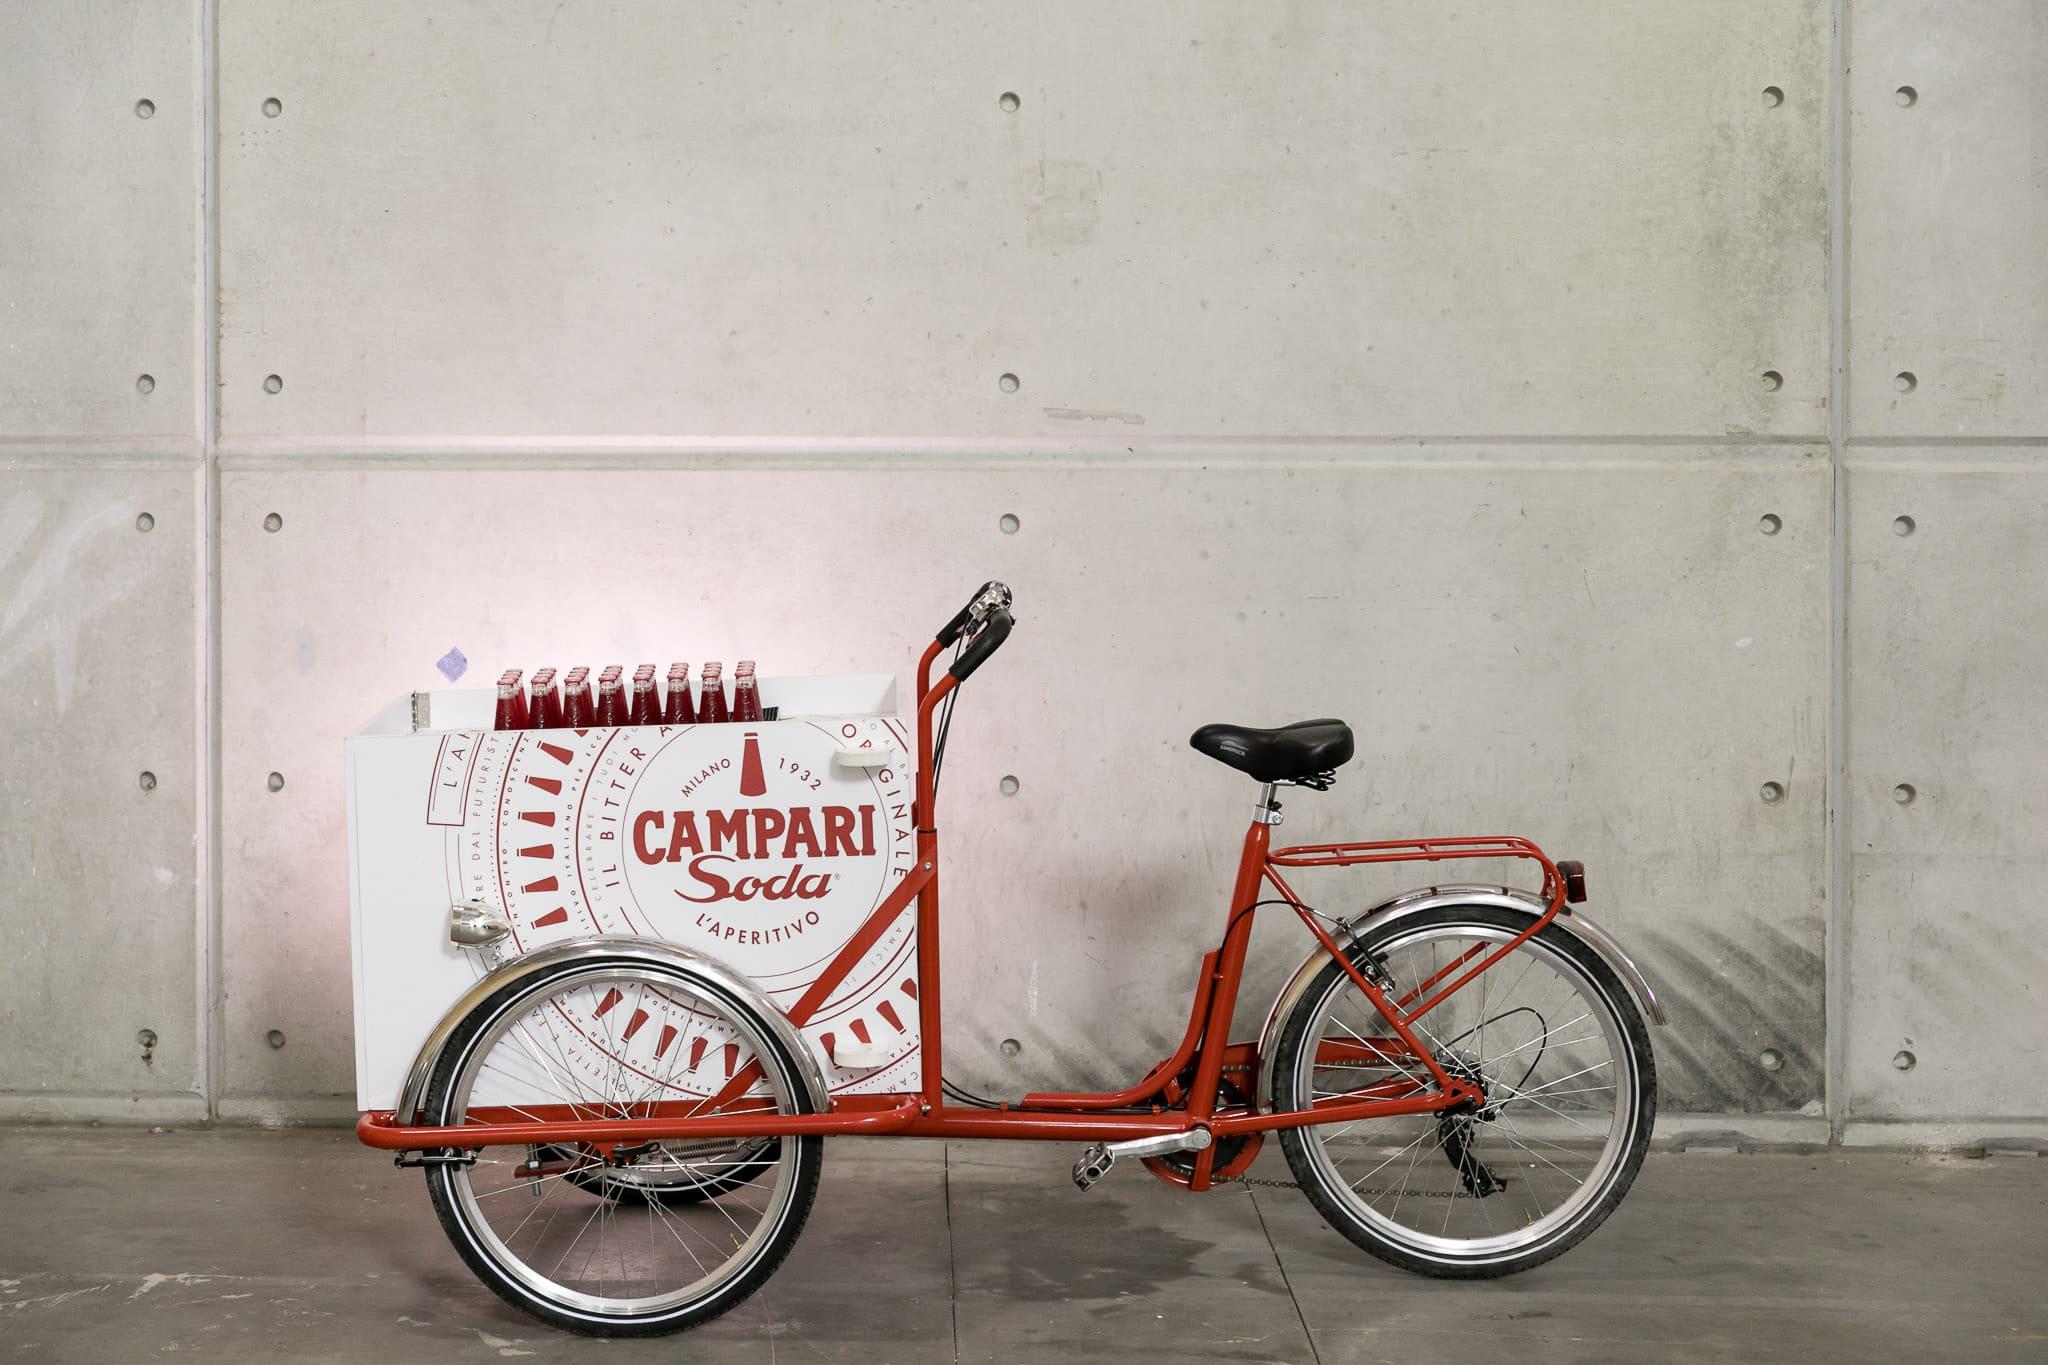 Artissima_lingotto fiere Campari soda 01